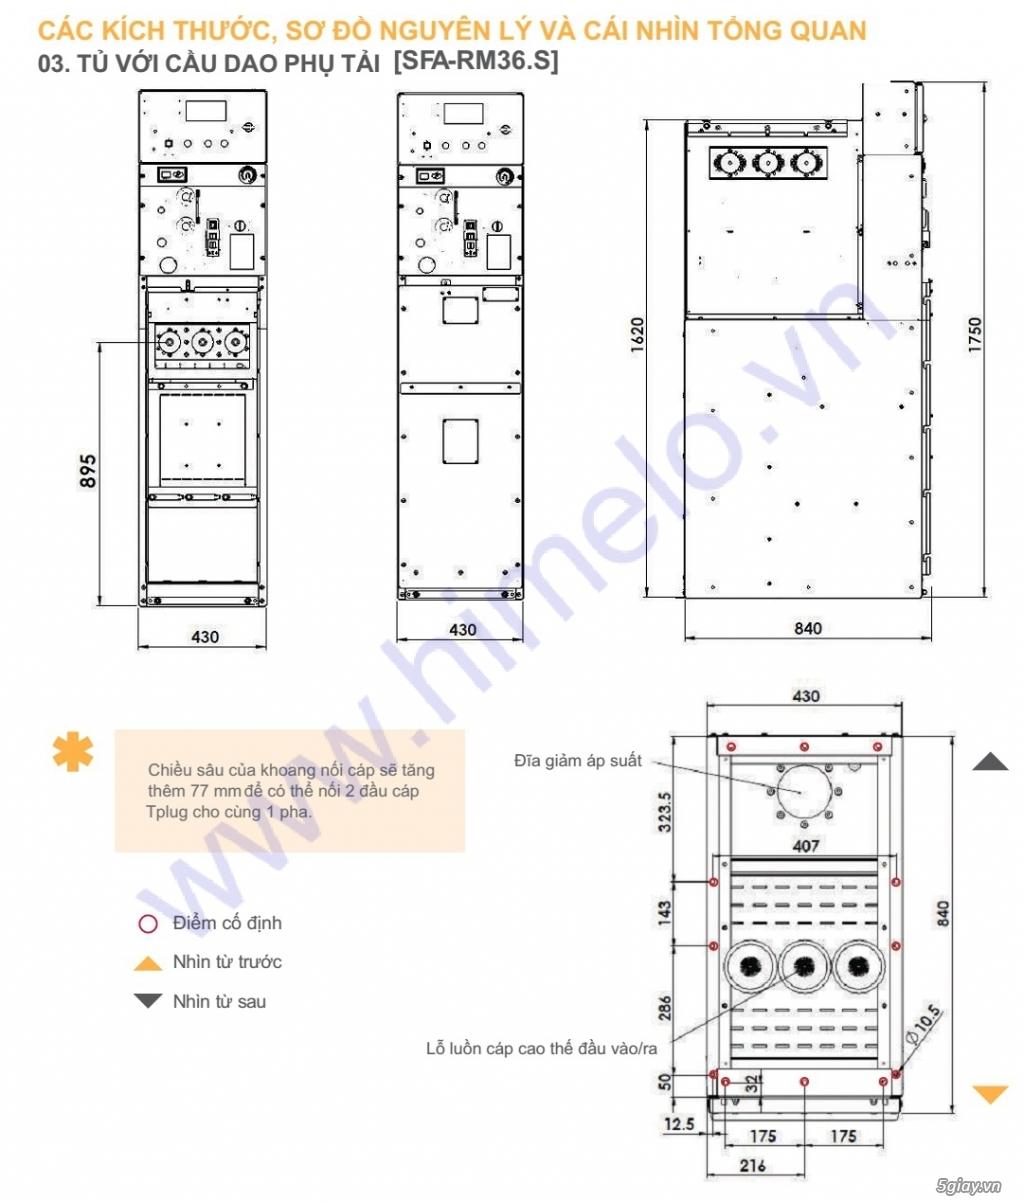 TỦ TRUNG THẾ RMU 40.5KV SFA-RM36.S - 3